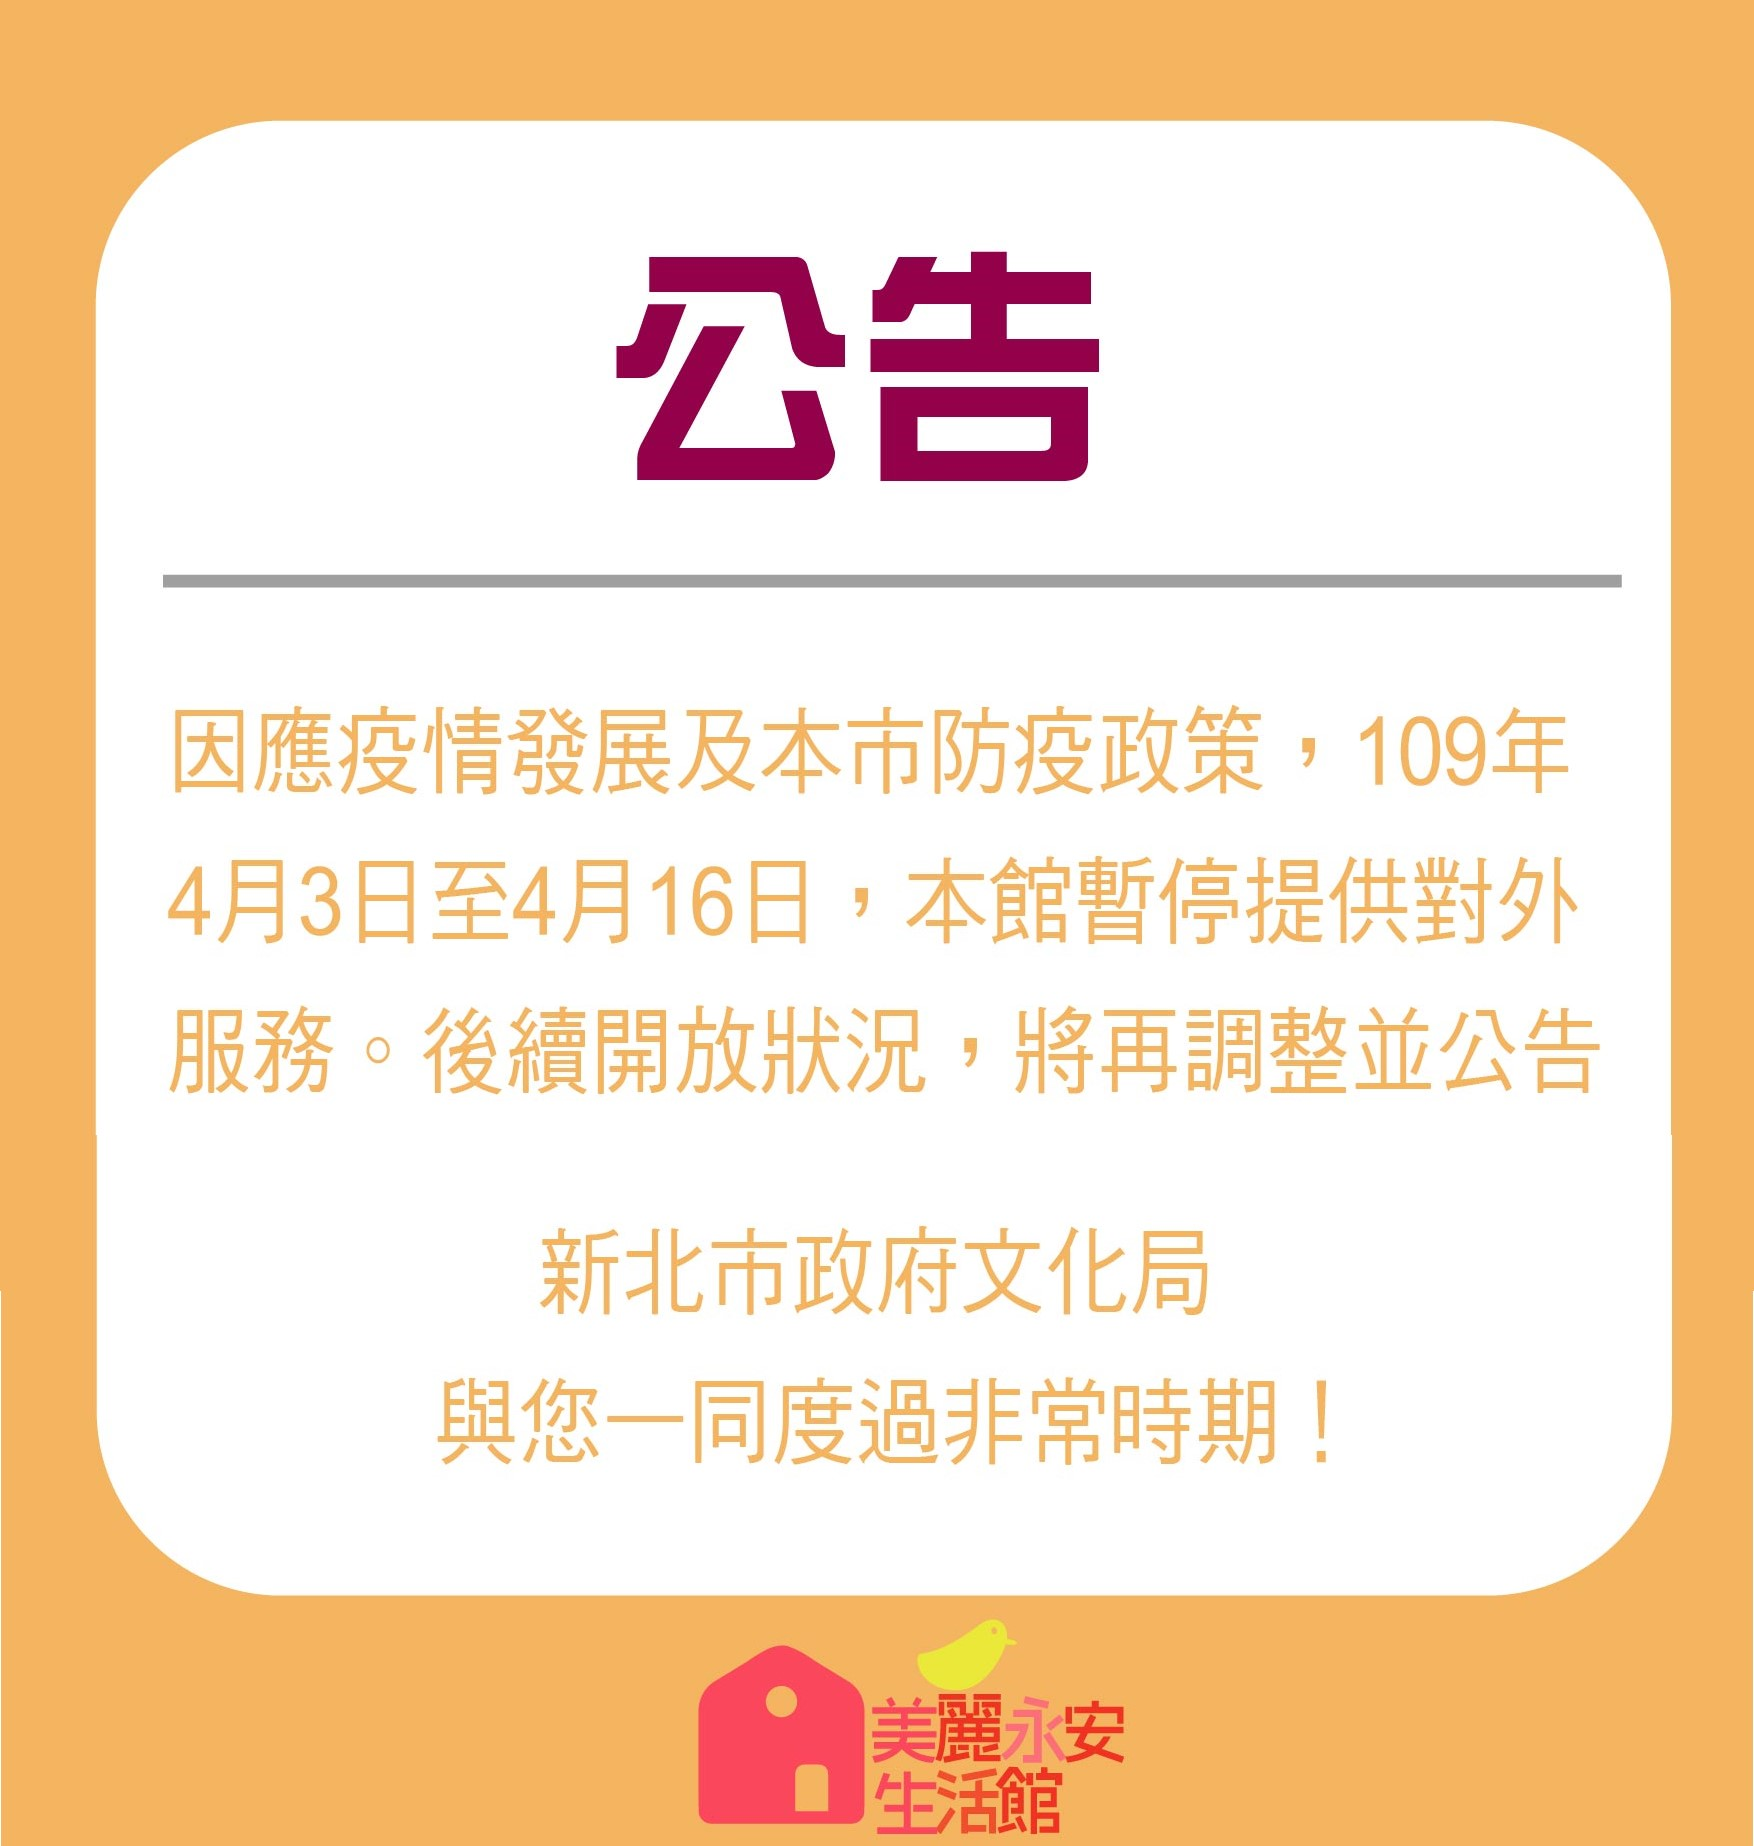 防疫新通知【重要公告】109/04/03-04/16暫停開放